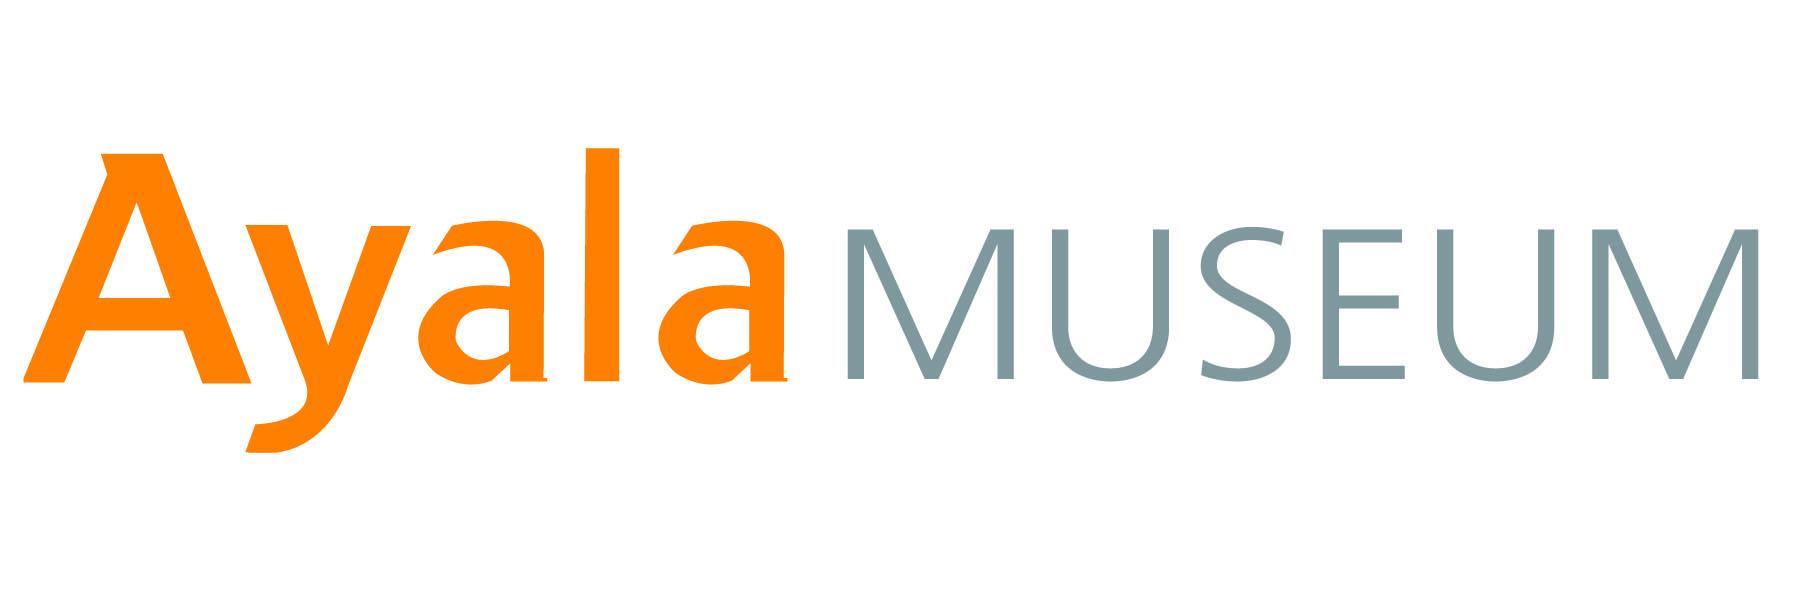 ayala-museum-logo-white